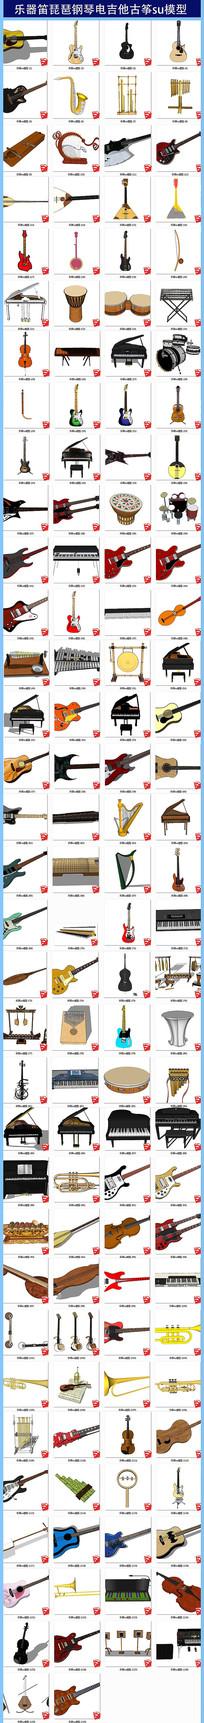 乐器笛琵琶钢琴电吉他古筝su模型